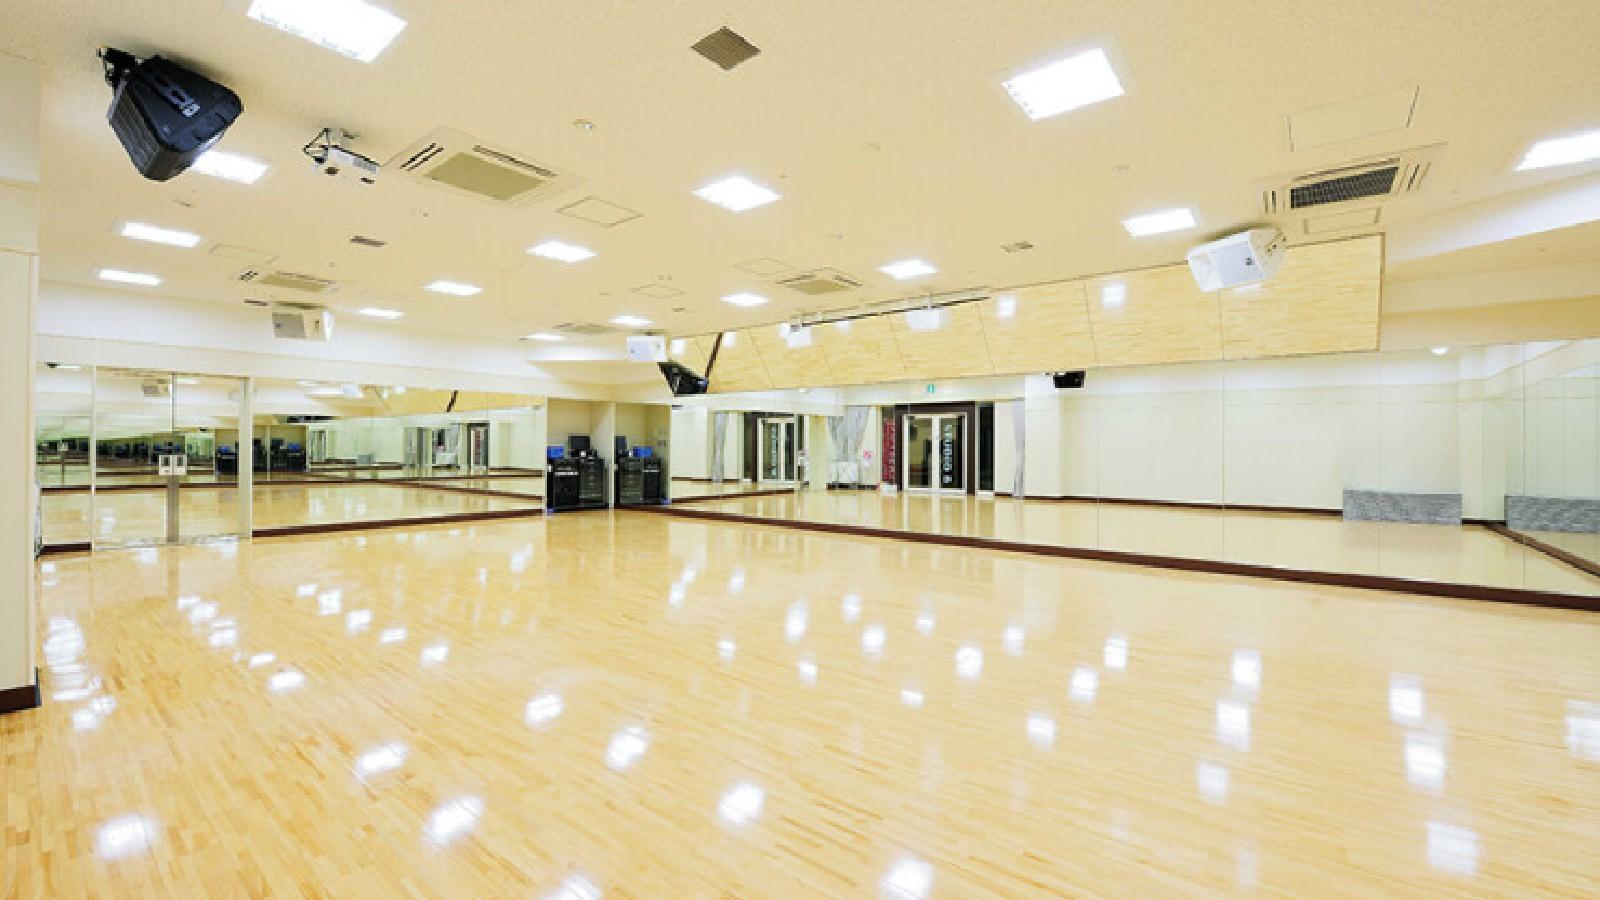 錦糸町店のスタジオ